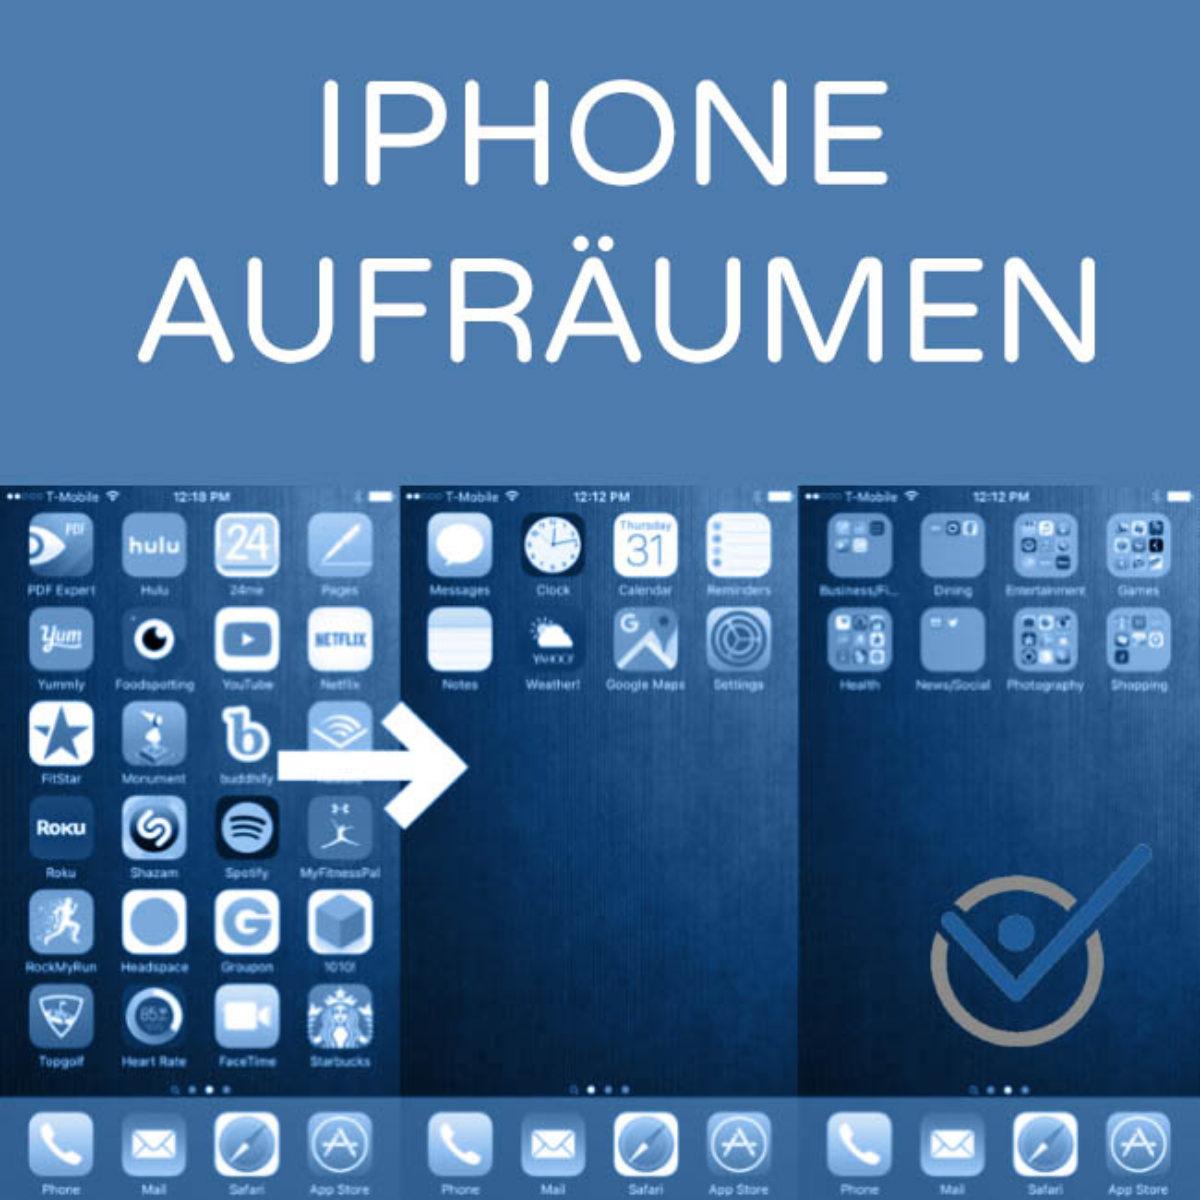 Iphone Aufräumen